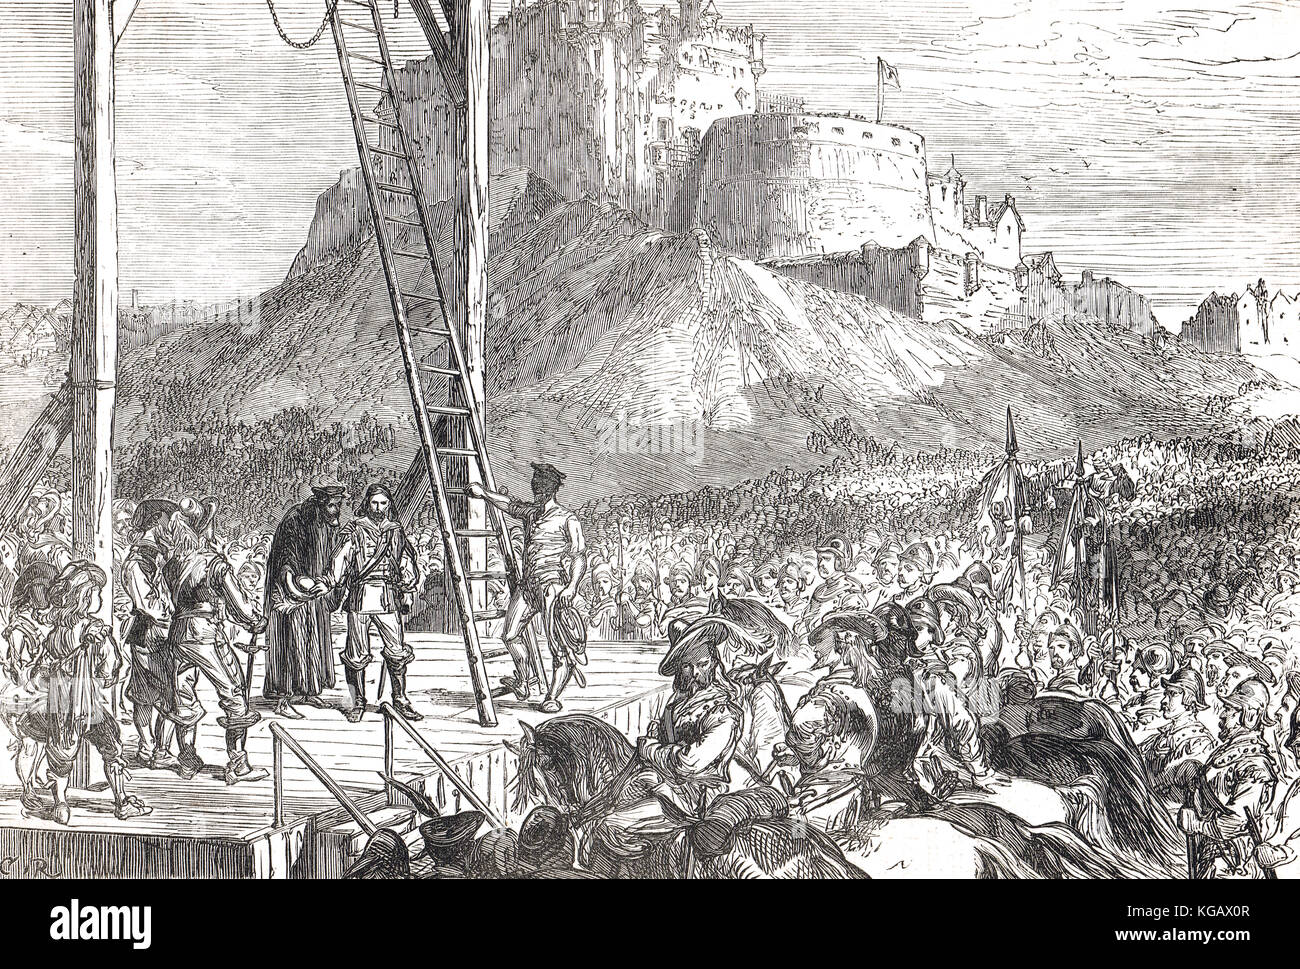 Esecuzione di James Graham, primo marchese di Montrose, 21 maggio 1650, Edimburgo, Scozia, guerra civile inglese Immagini Stock